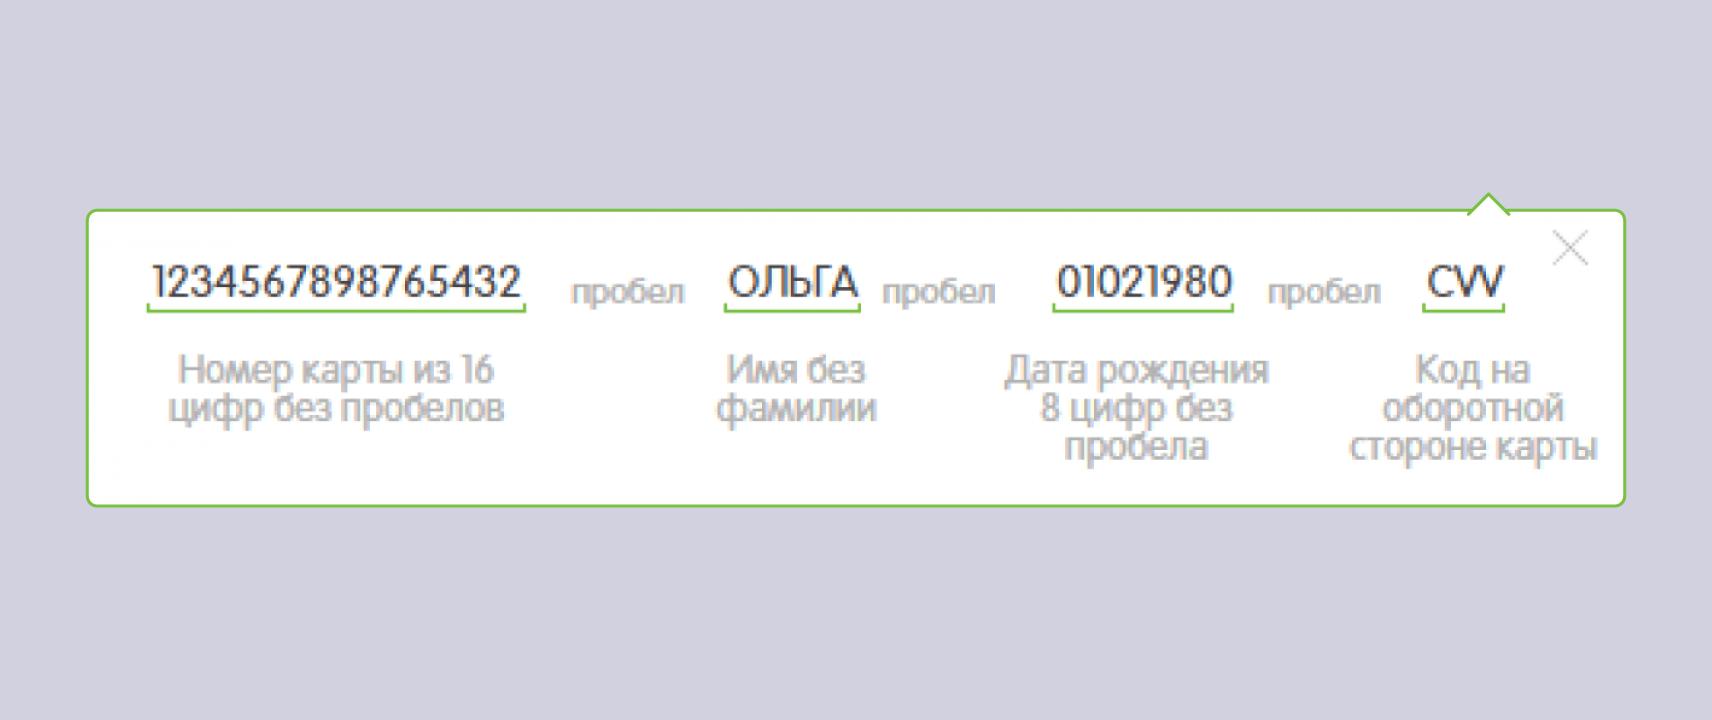 Какие данные нужно внести карты «Перекресток» в приложение